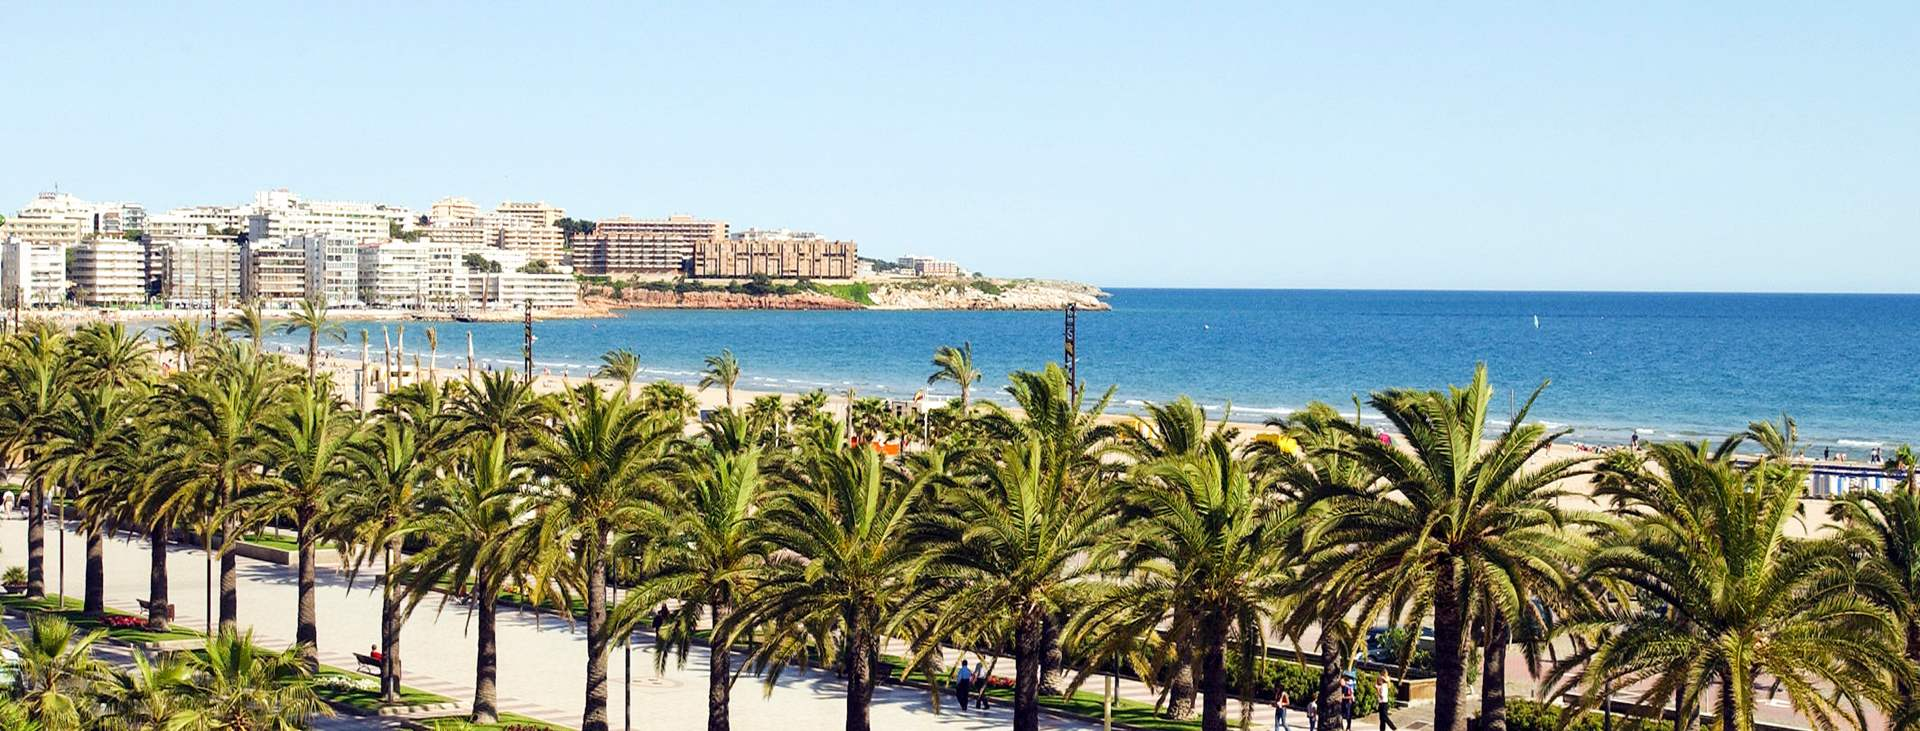 Resor till Salou på Costa Dorada i Spanien